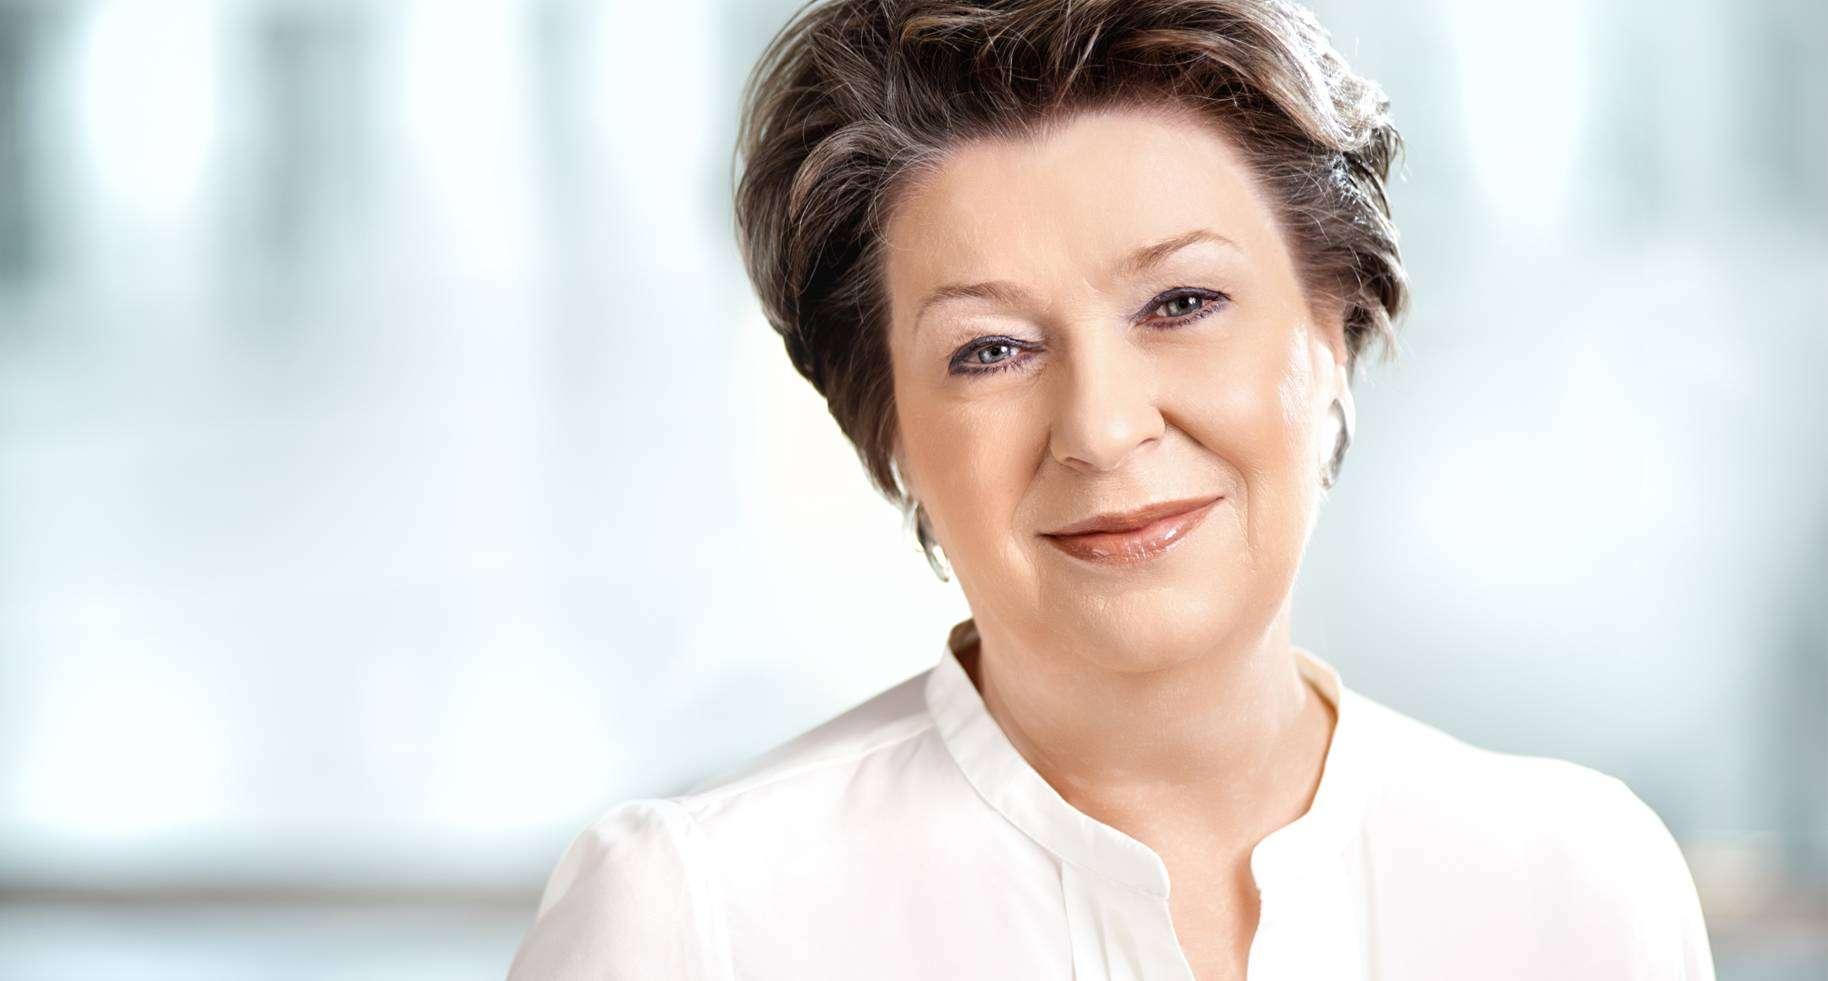 Ирэна Эрис — косметический бренд Dr Irena Eris, первой использовала в косметике Фолацин и витамин К